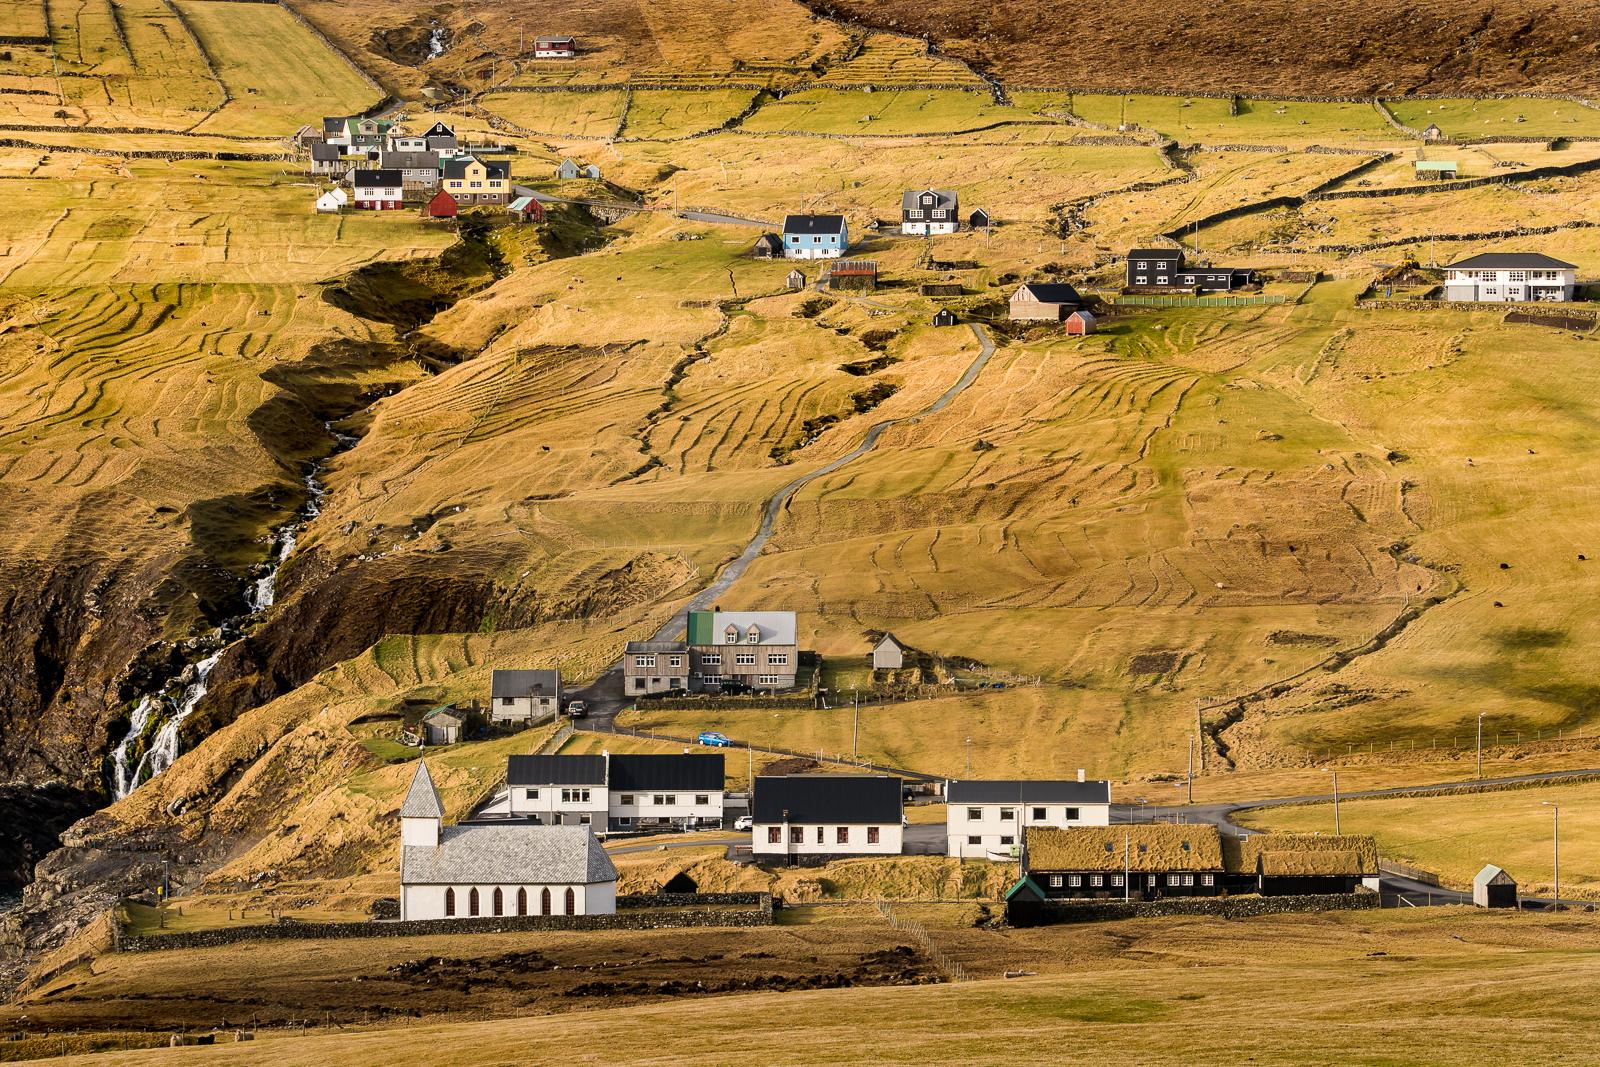 Vidareidi village